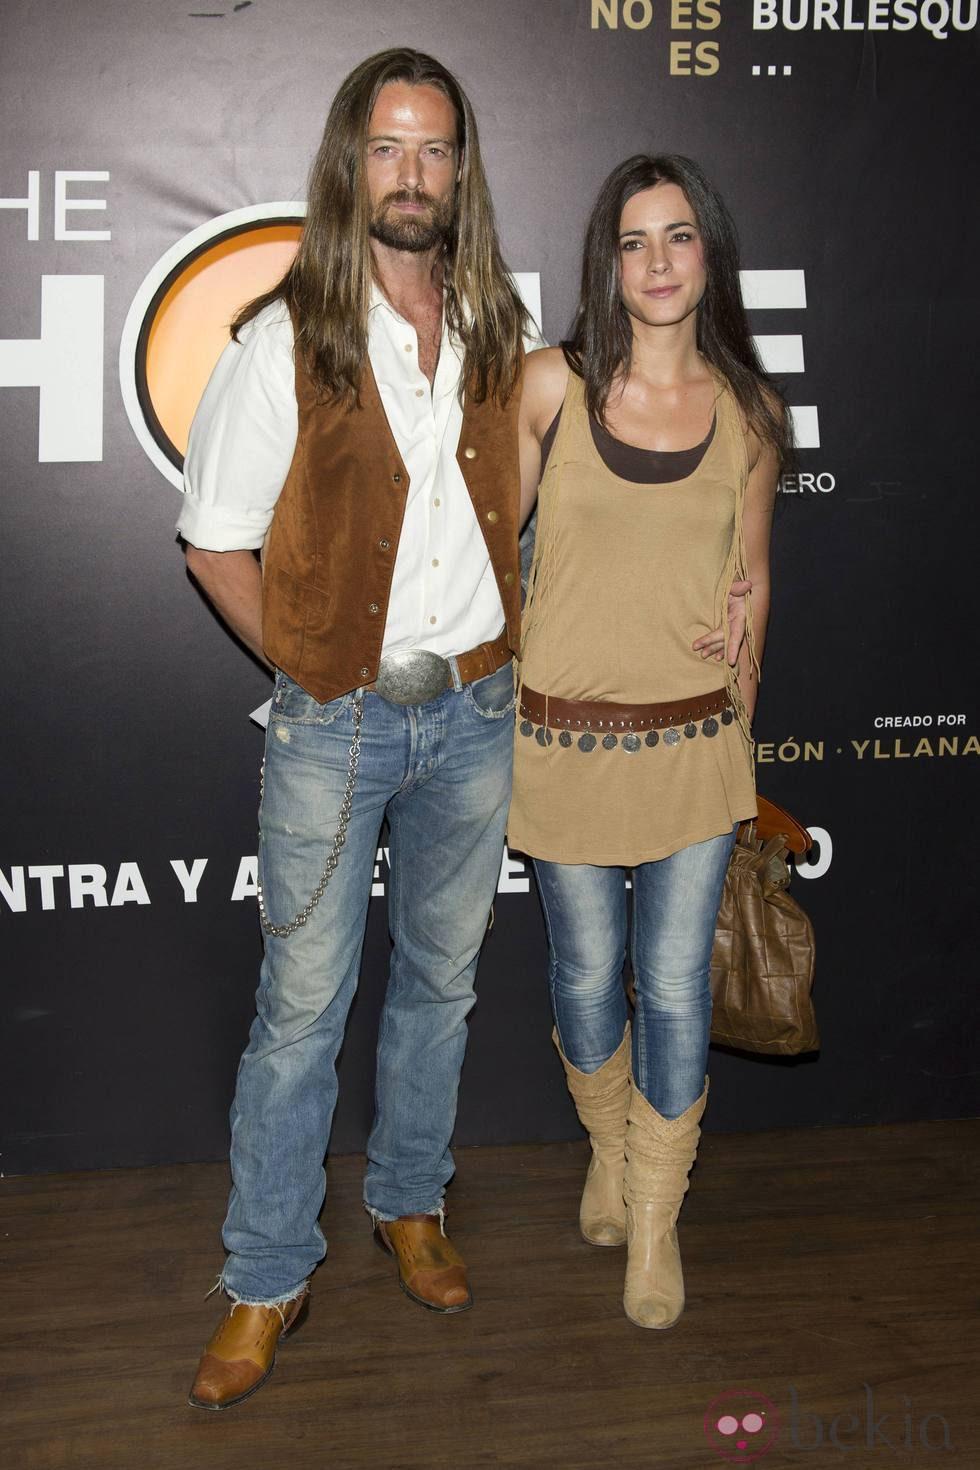 William Miller y María Cotiello: Fotos - FormulaTV